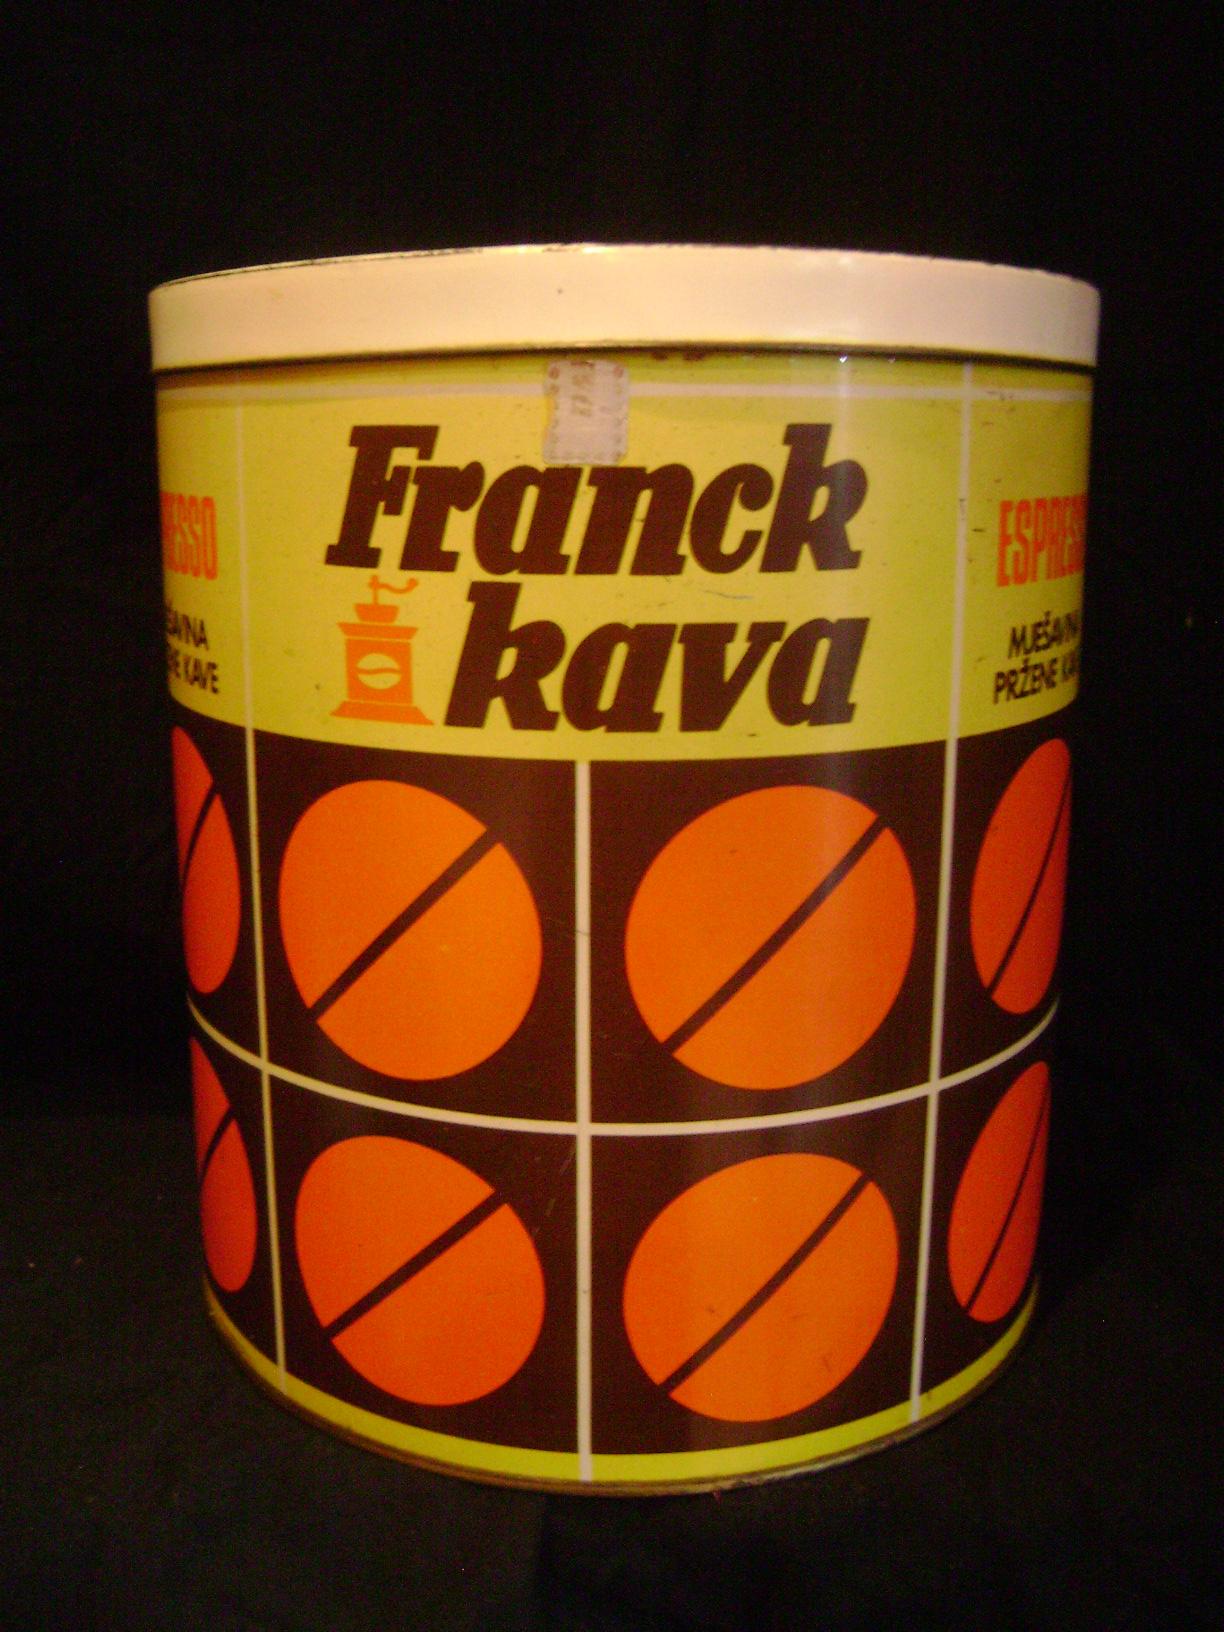 Limena_kutija_Espresso_Franck_kava_2.JPG